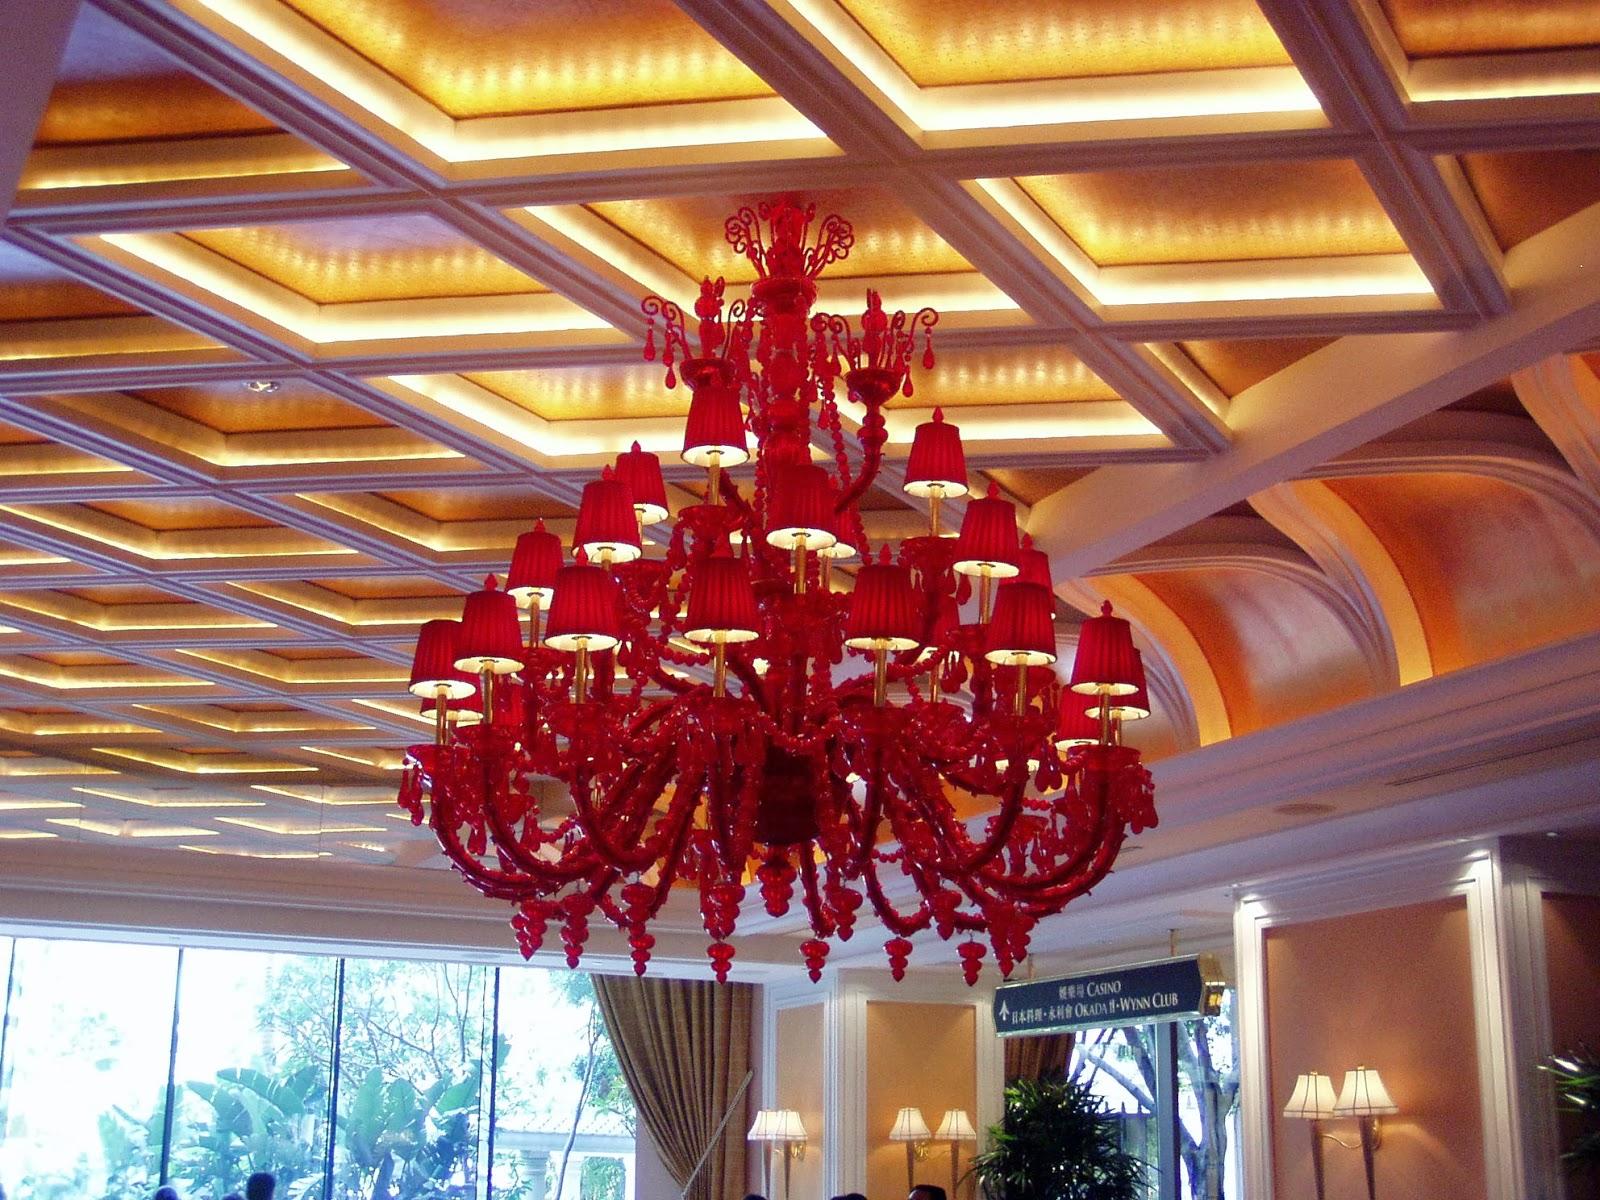 Macau Wynn Casino